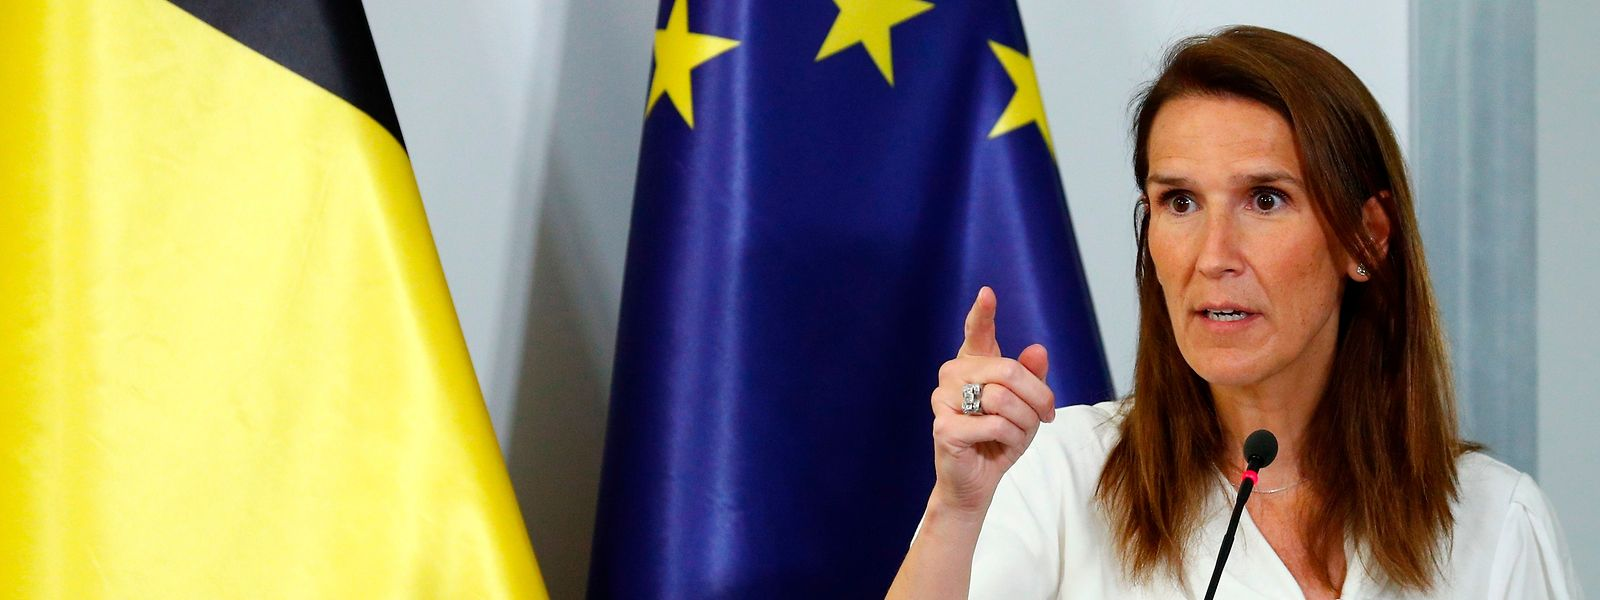 Sophie Wilmès a demandé aux Belges de la «patience et du courage».